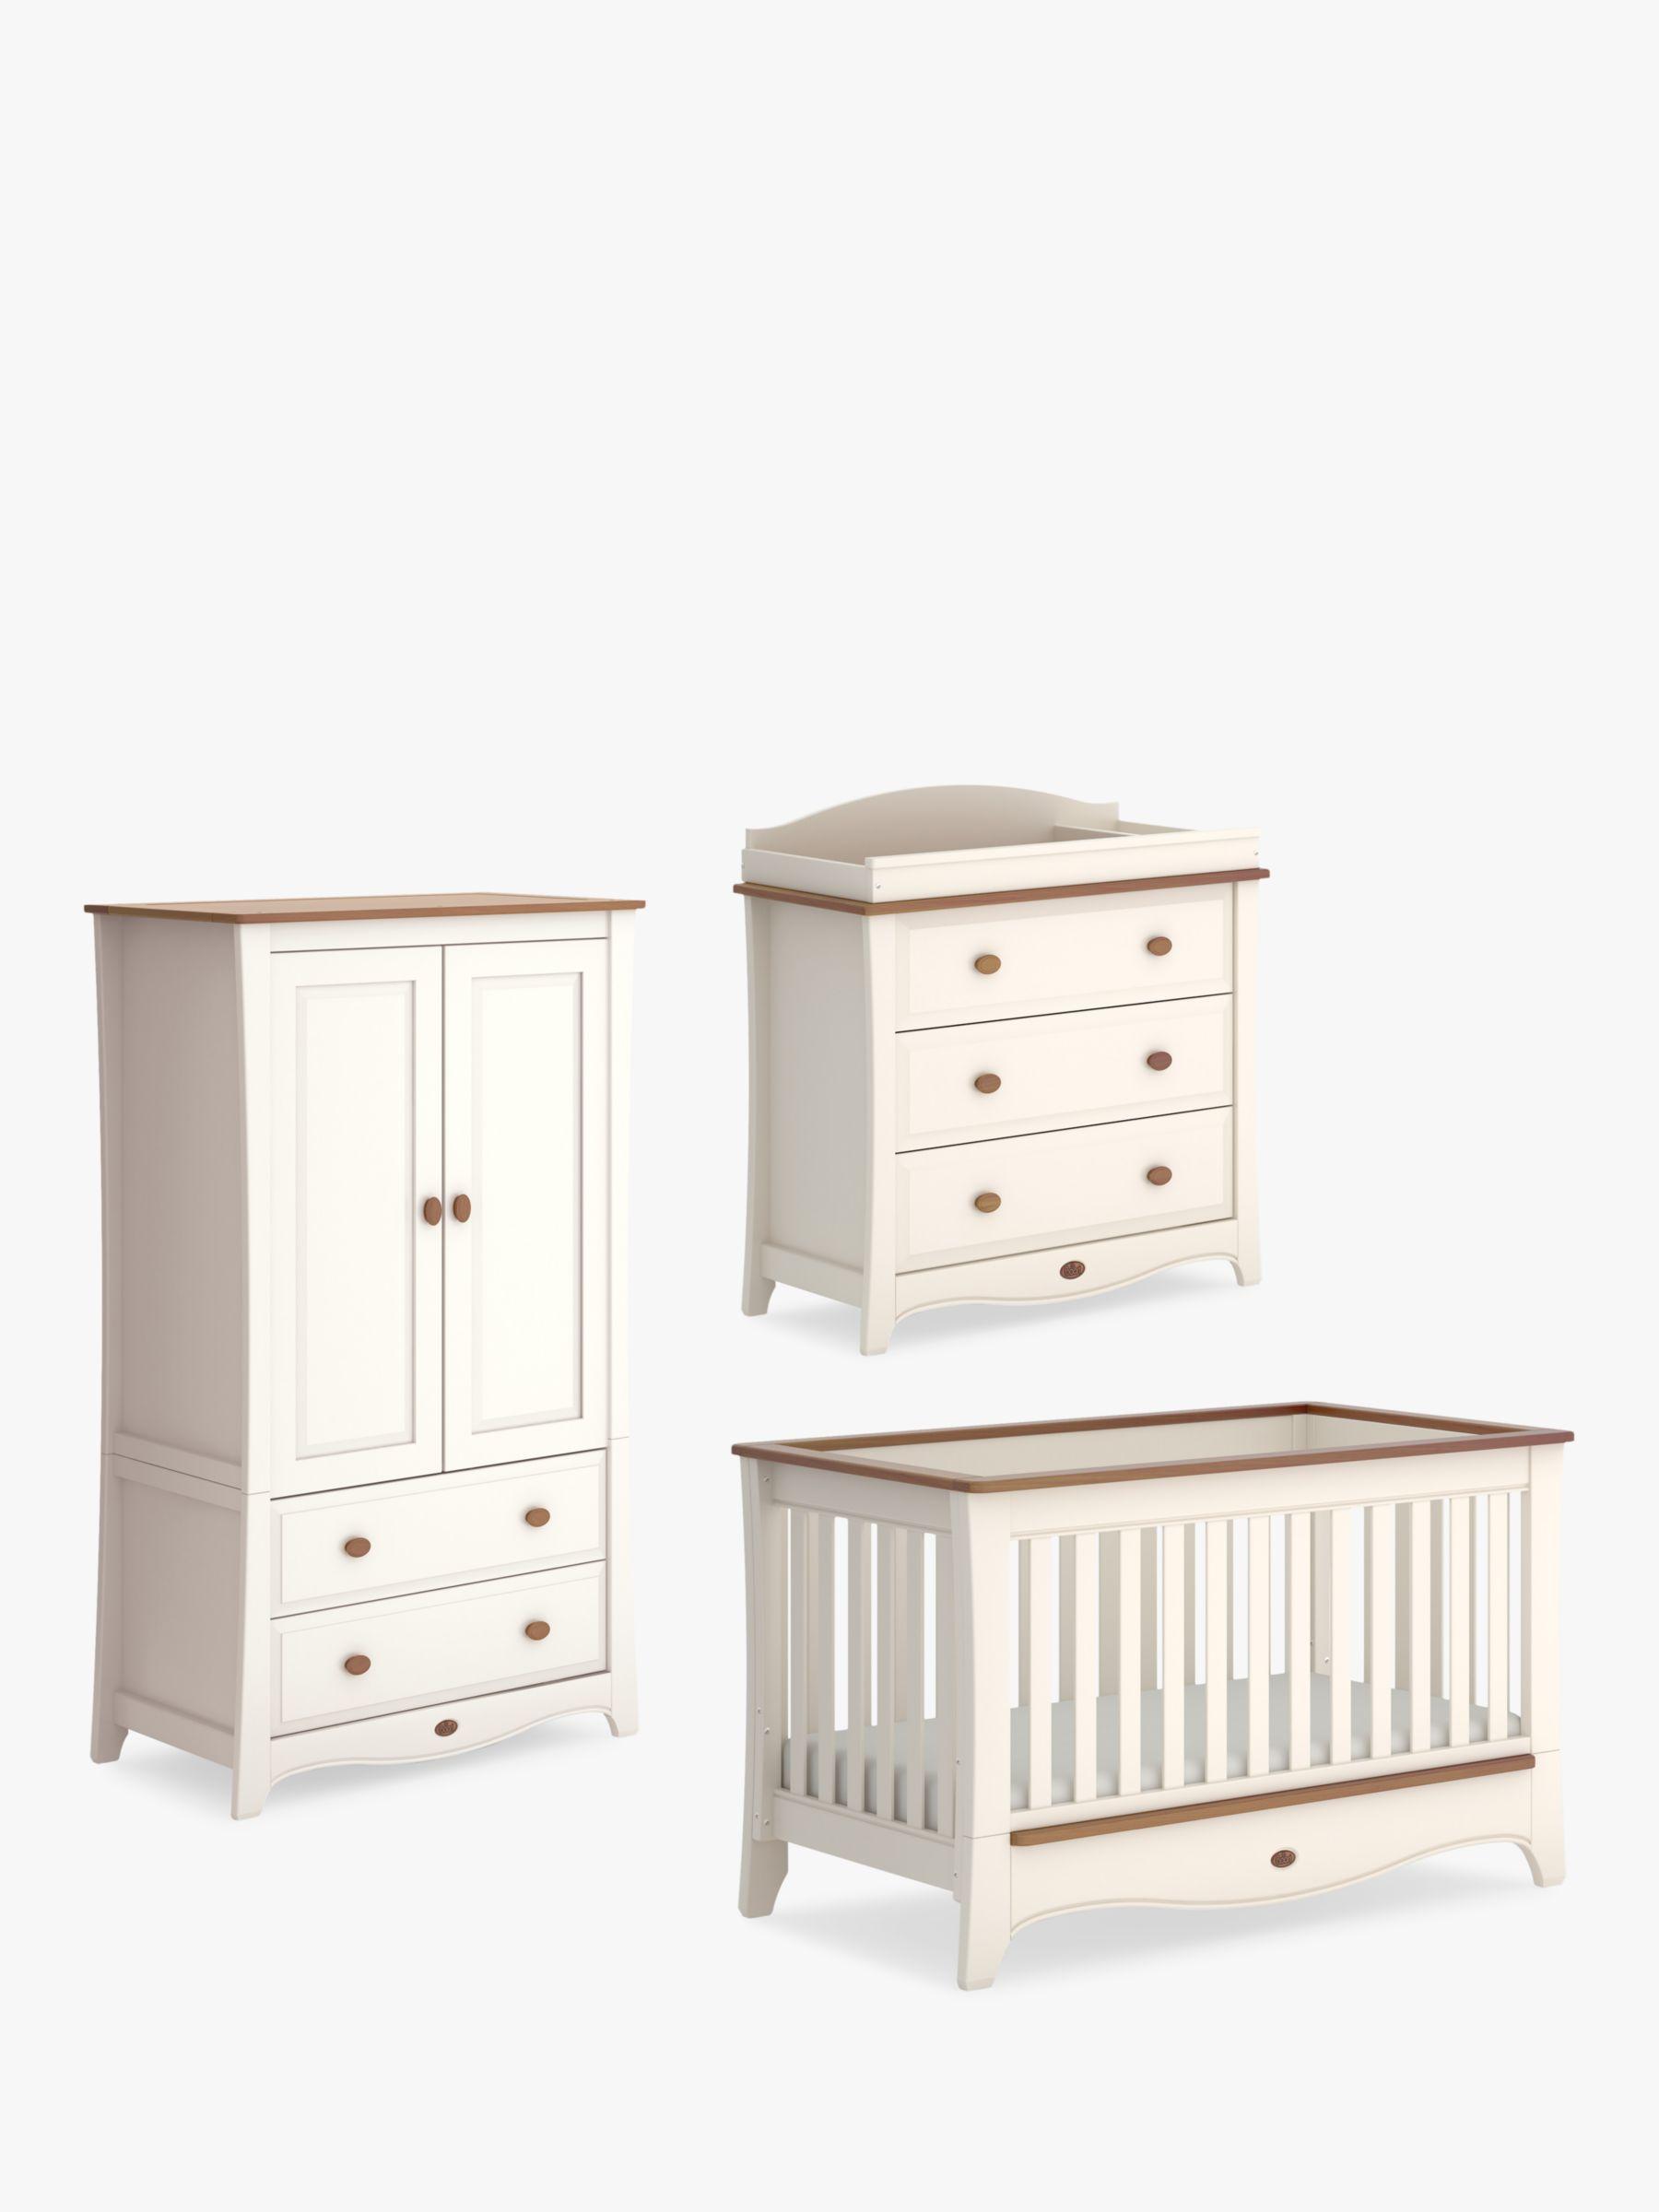 Boori Boori Provence Convertible Plus Cotbed, Wardrobe & 3 Drawer Dresser, Cream/Pecan